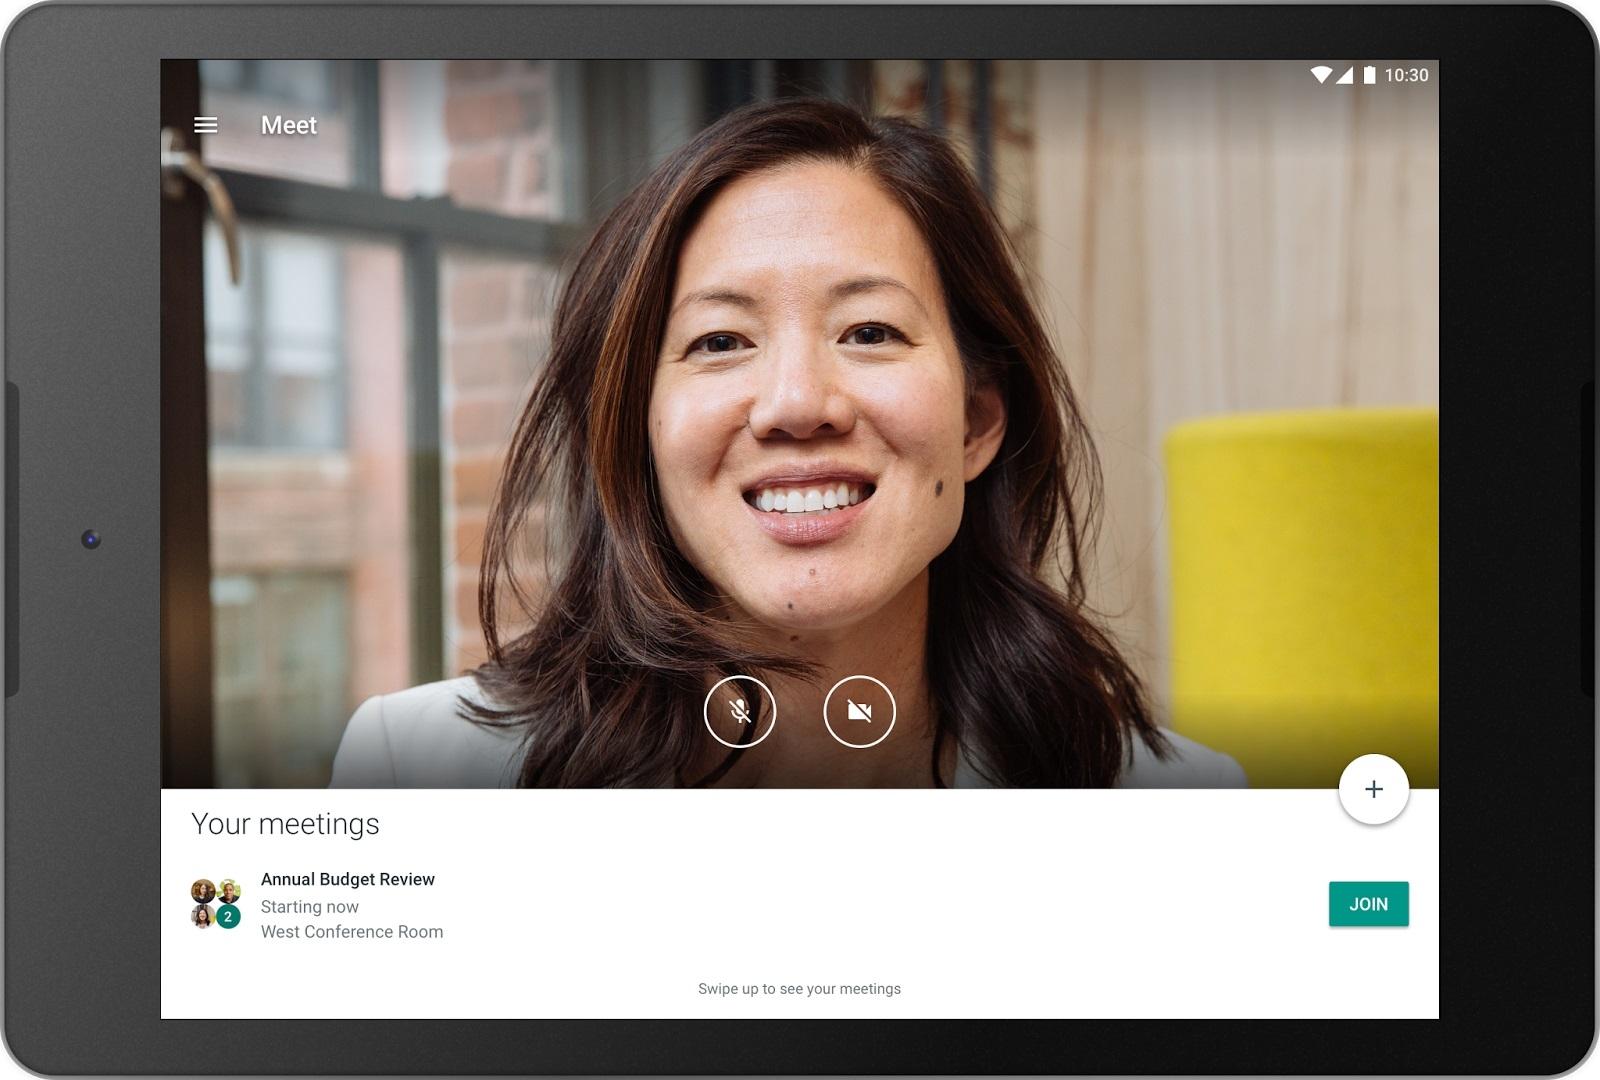 جوجل تمدد فترة خدماتها المجانية المتقدمة للمكالمات المرئية الجماعية - عالم التقنية